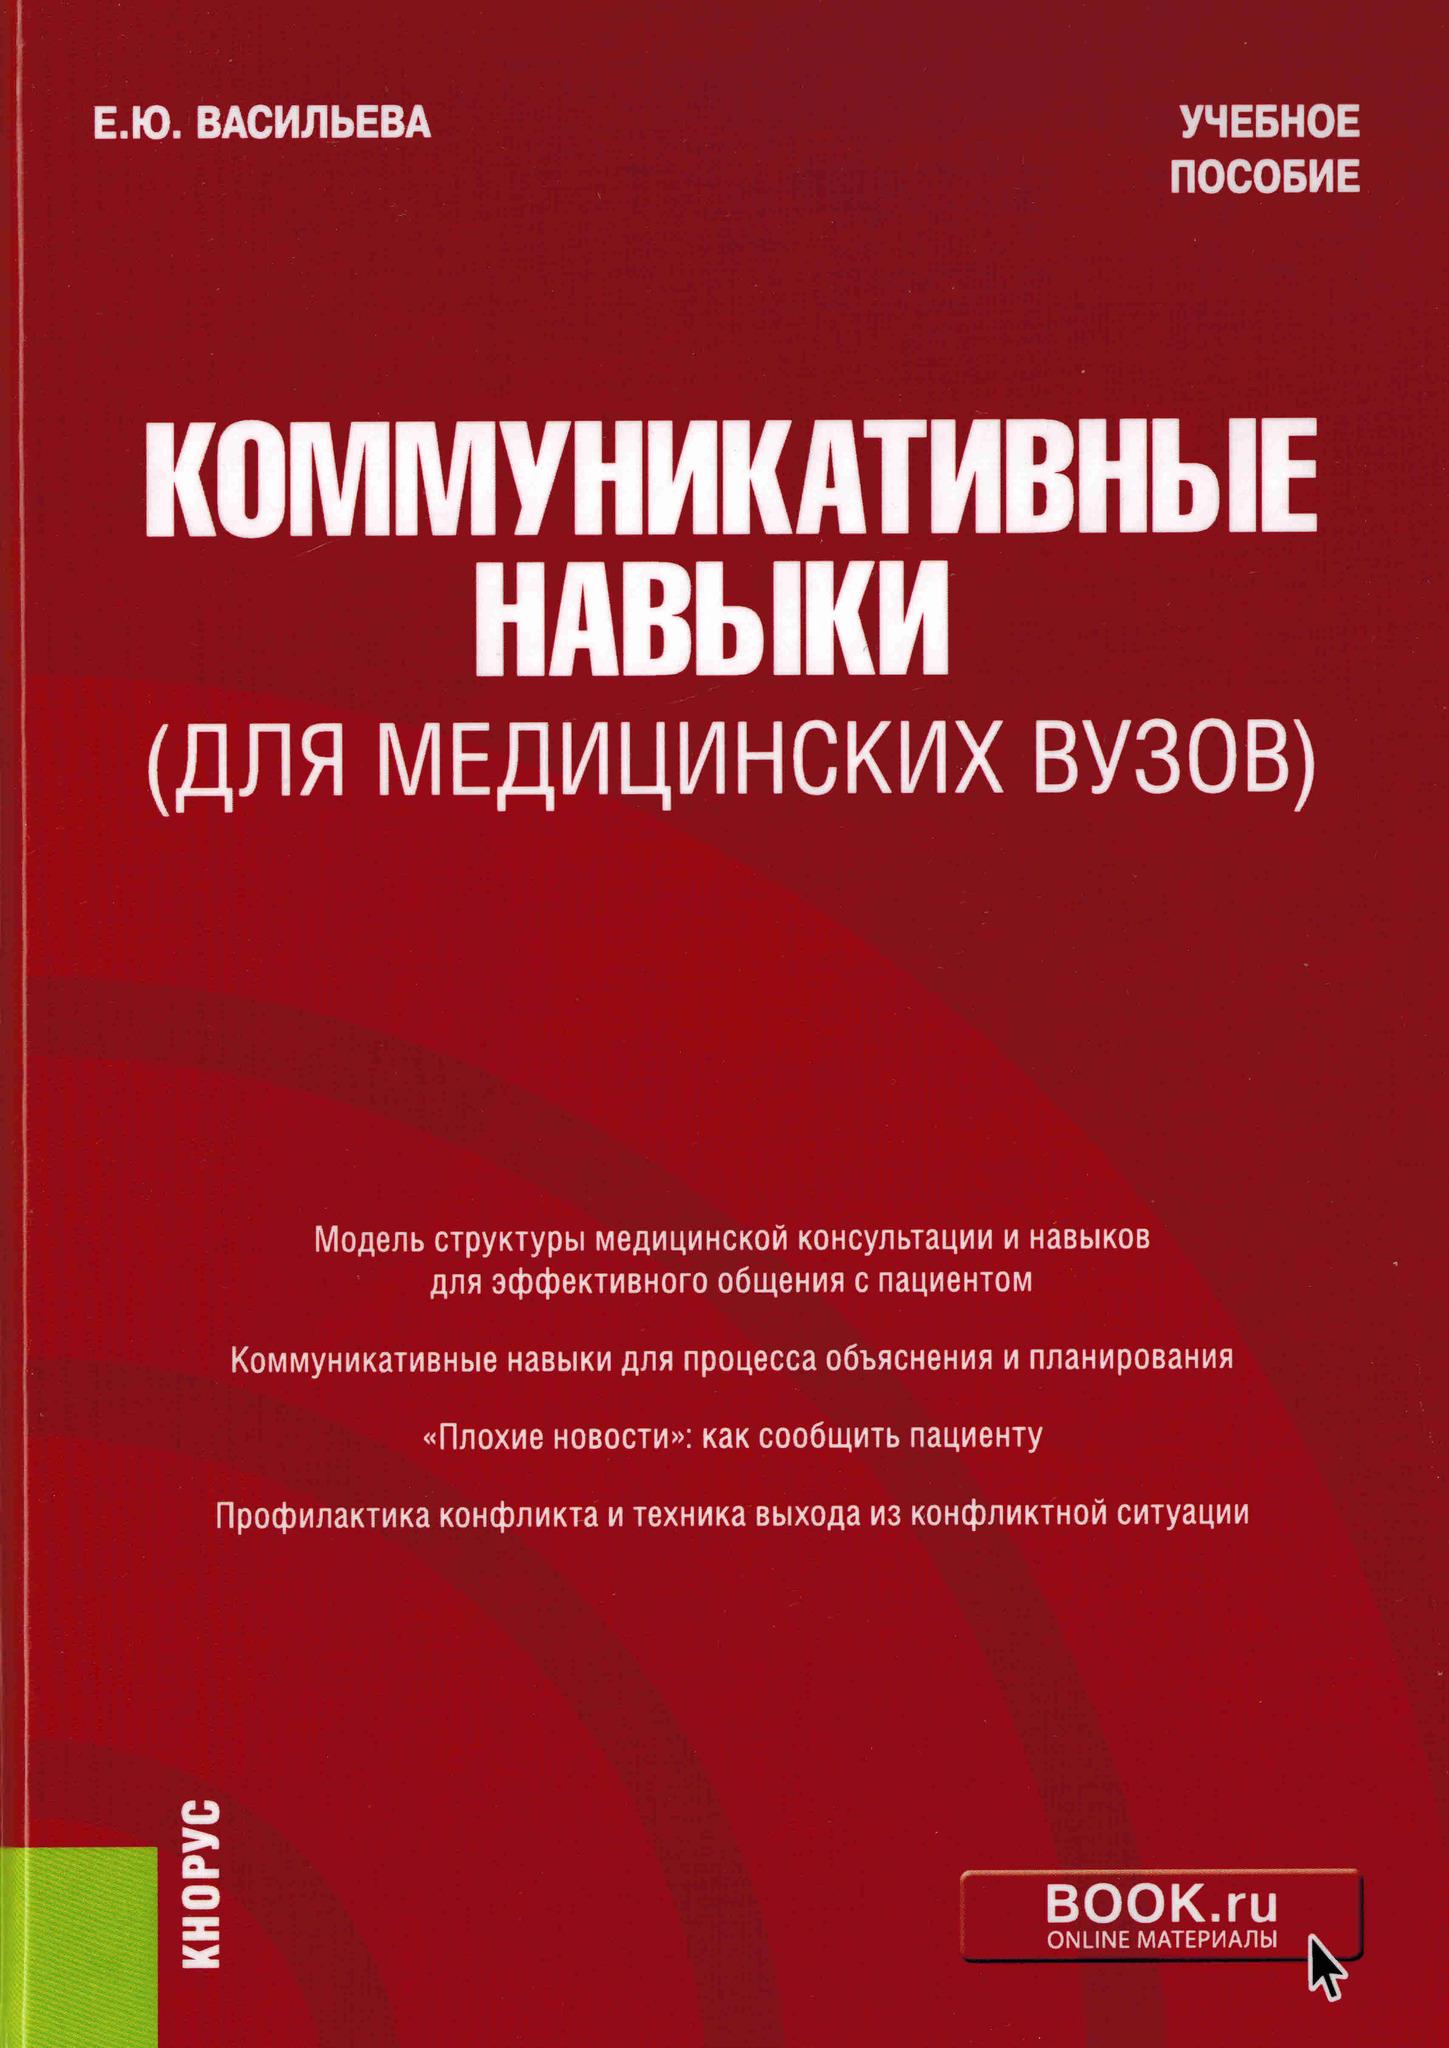 Другие области медицины Коммуникативные навыки (для медицинских вузов) knpdmv.jpg